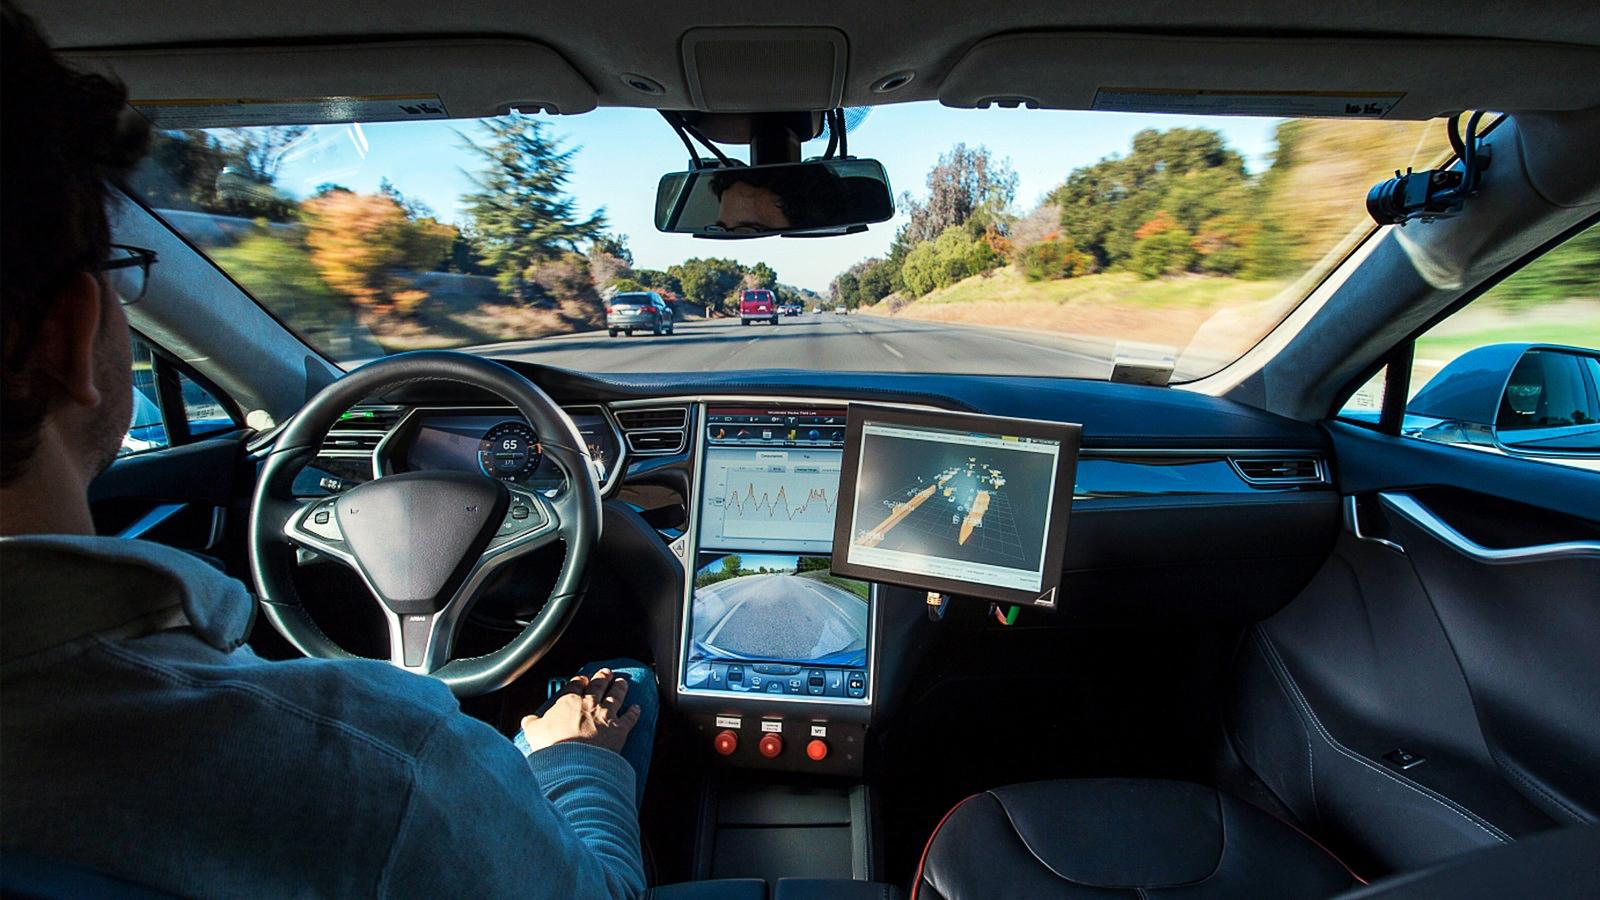 Vorn auf dem Weg zum automatisierten Fahren